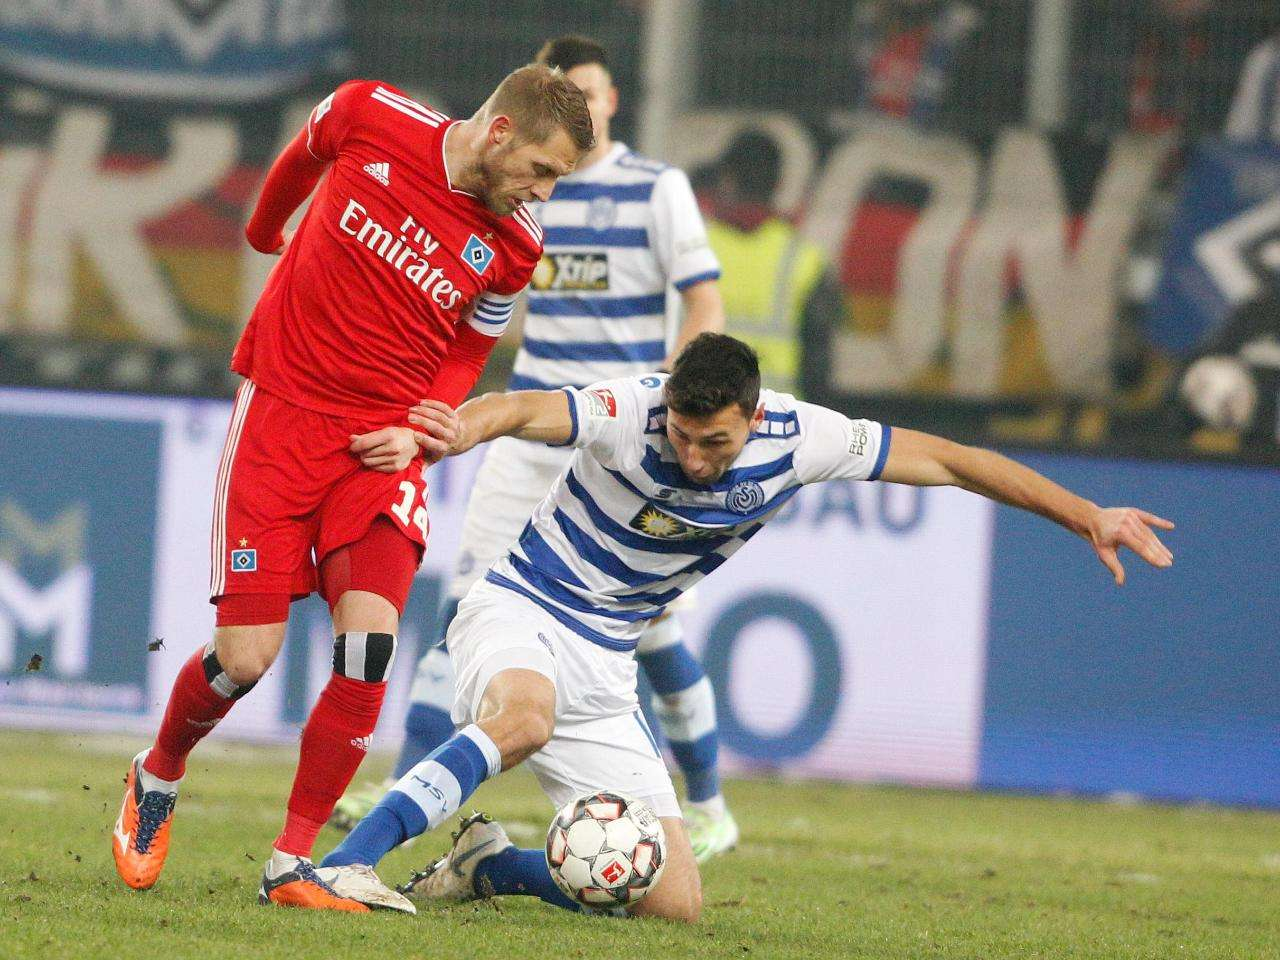 © Foto: Roland Weihrauch Schenken sich nichts: Duisburgs Lukas Fröde (r) und HSV-Torschütze Aaron Hunt.